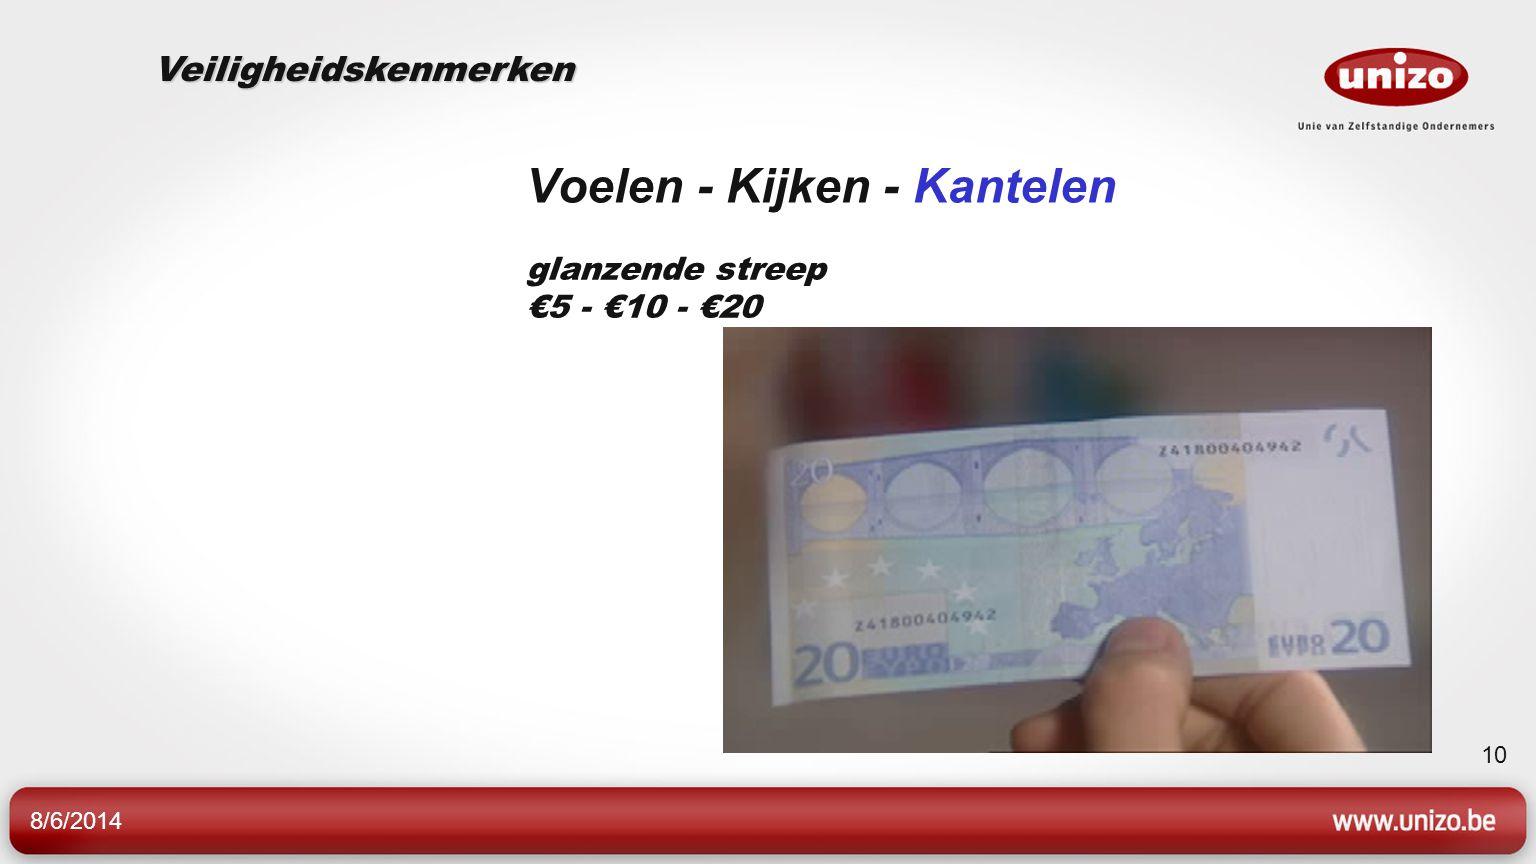 8/6/2014 10 Voelen - Kijken - Kantelen glanzende streep €5 - €10 - €20 Veiligheidskenmerken